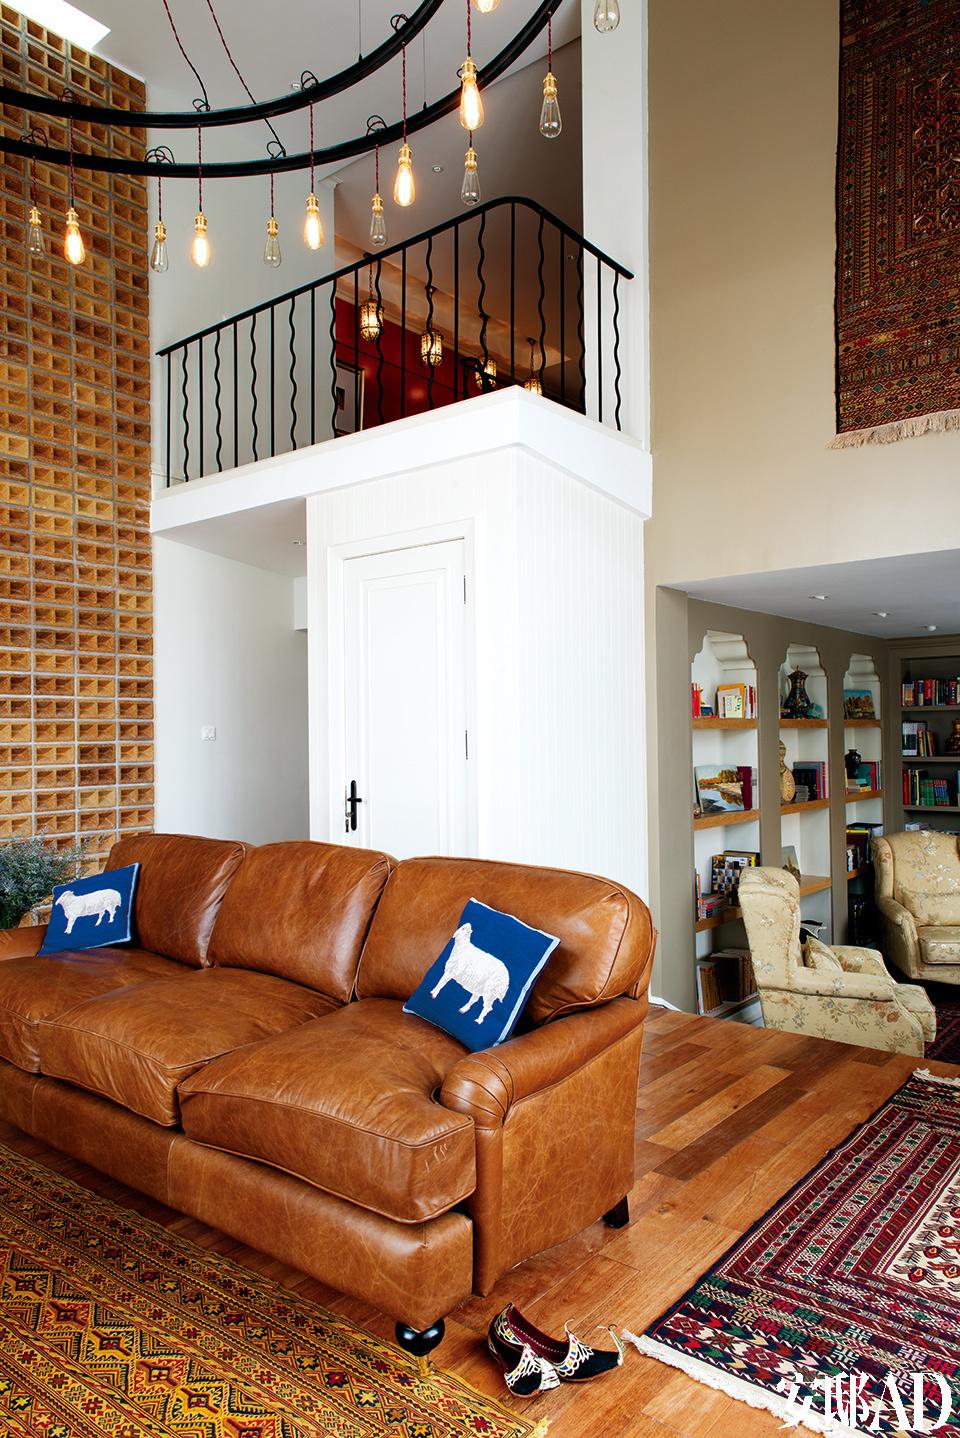 """""""我们尽量选用当地的、传统的、温暖而有亲和力的装修材料,而一些暖色的加入,也让这个家看起来更加温馨,正好与室外极寒的雪景形成鲜明对比。""""客厅与一个小休息室开放相连,温暖的装饰材料更显亲和力。"""